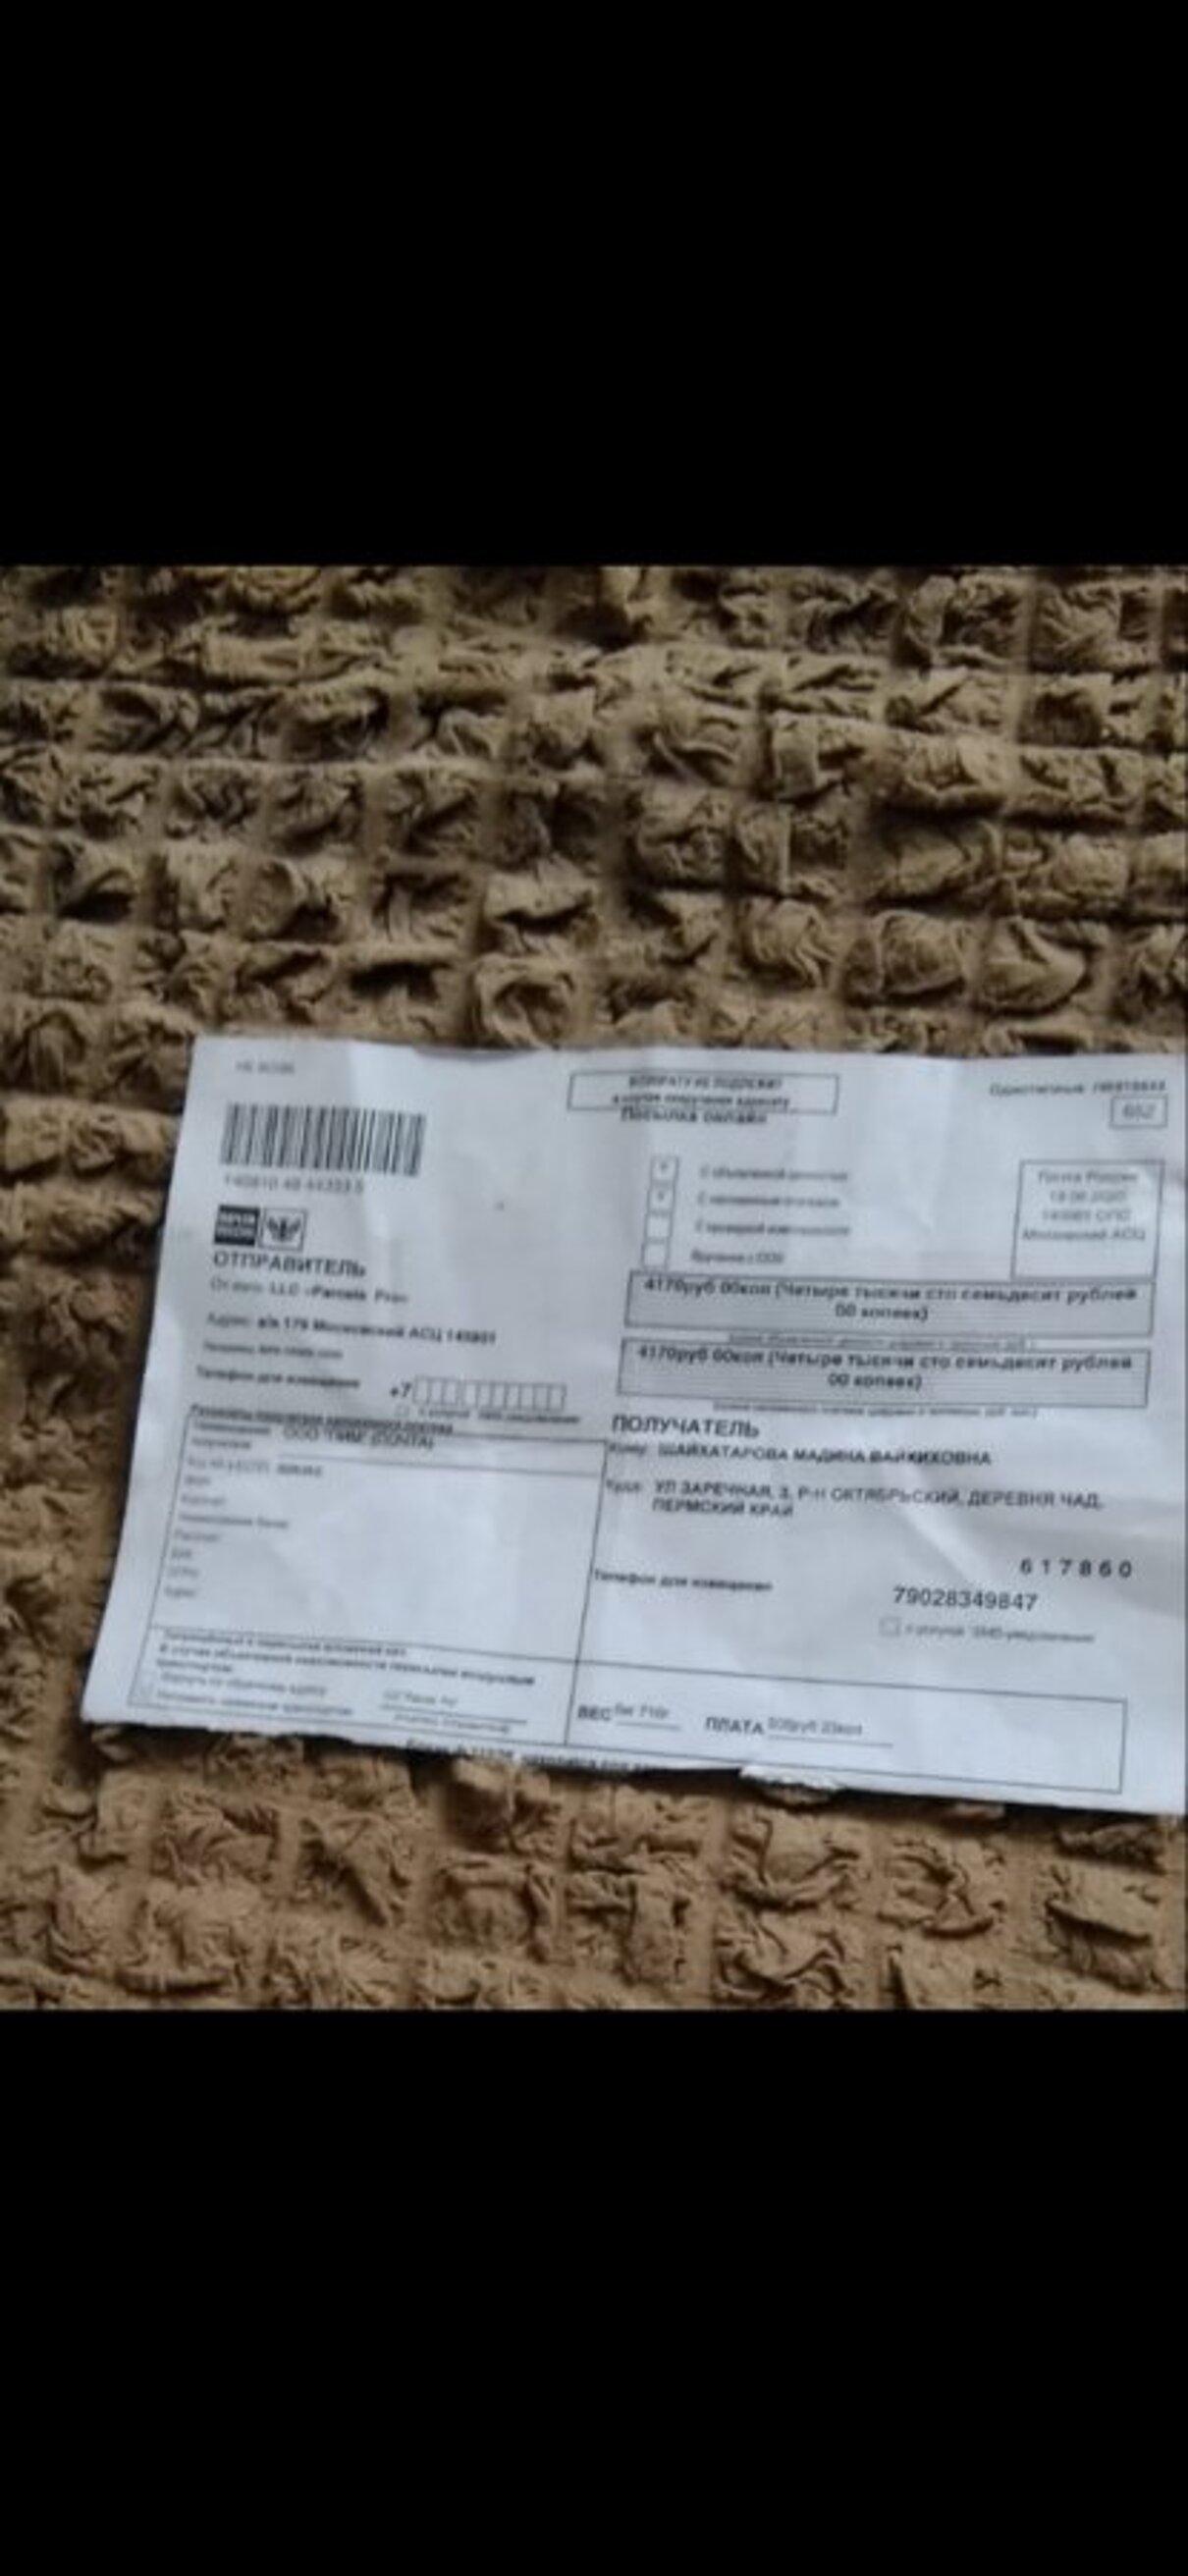 Жалоба-отзыв: LLC «Parcels Pro» - Обманули. Претензия к полученному товару.  Фото №1